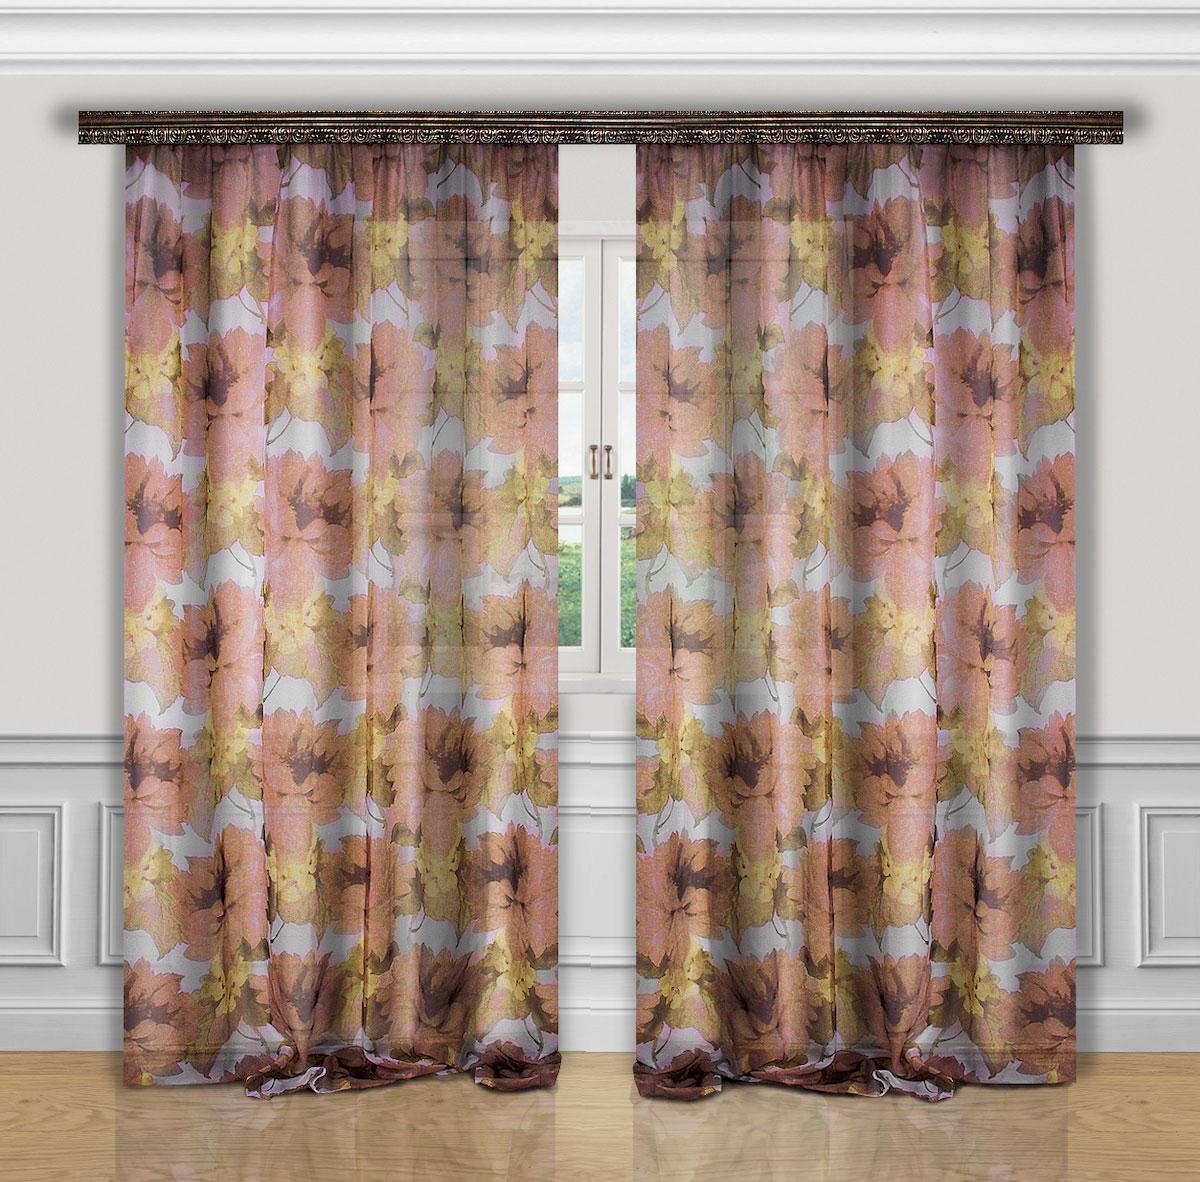 Комплект штор Zlata Korunka, на ленте, цвет: коричневый, бежевый, высота 270 см. 5559855598Роскошный комплект штор Zlata Korunka, выполненный из полиэстера, великолепно украсит любое окно. Комплект состоит из двух штор. Вуаль с печатным цветочным рисунком привлечет к себе внимание и органично впишется в интерьер помещения. Этот комплект будет долгое время радовать вас и вашу семью! Комплект крепится на карниз при помощи ленты, которая поможет красиво и равномерно задрапировать верх. В комплект входит: Штора: 2 шт. Размер (Ш х В): 200 см х 270 см.